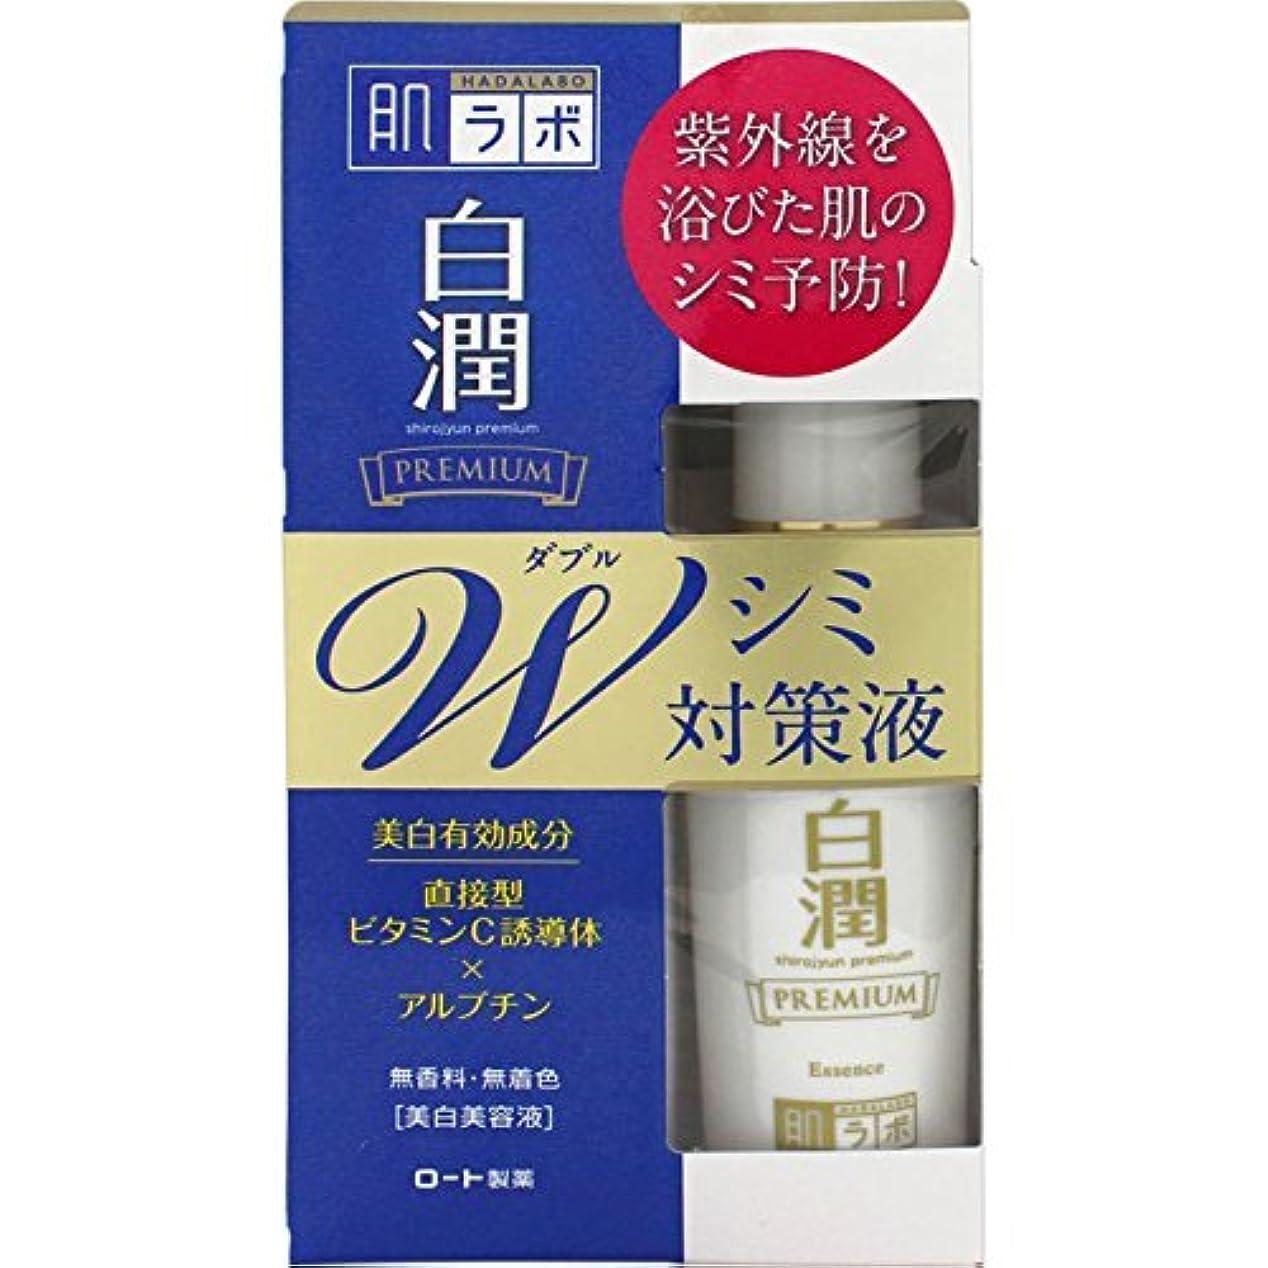 高齢者ダンス白雪姫肌ラボ 白潤 プレミアムW美白美容液 40mL (医薬部外品)×8